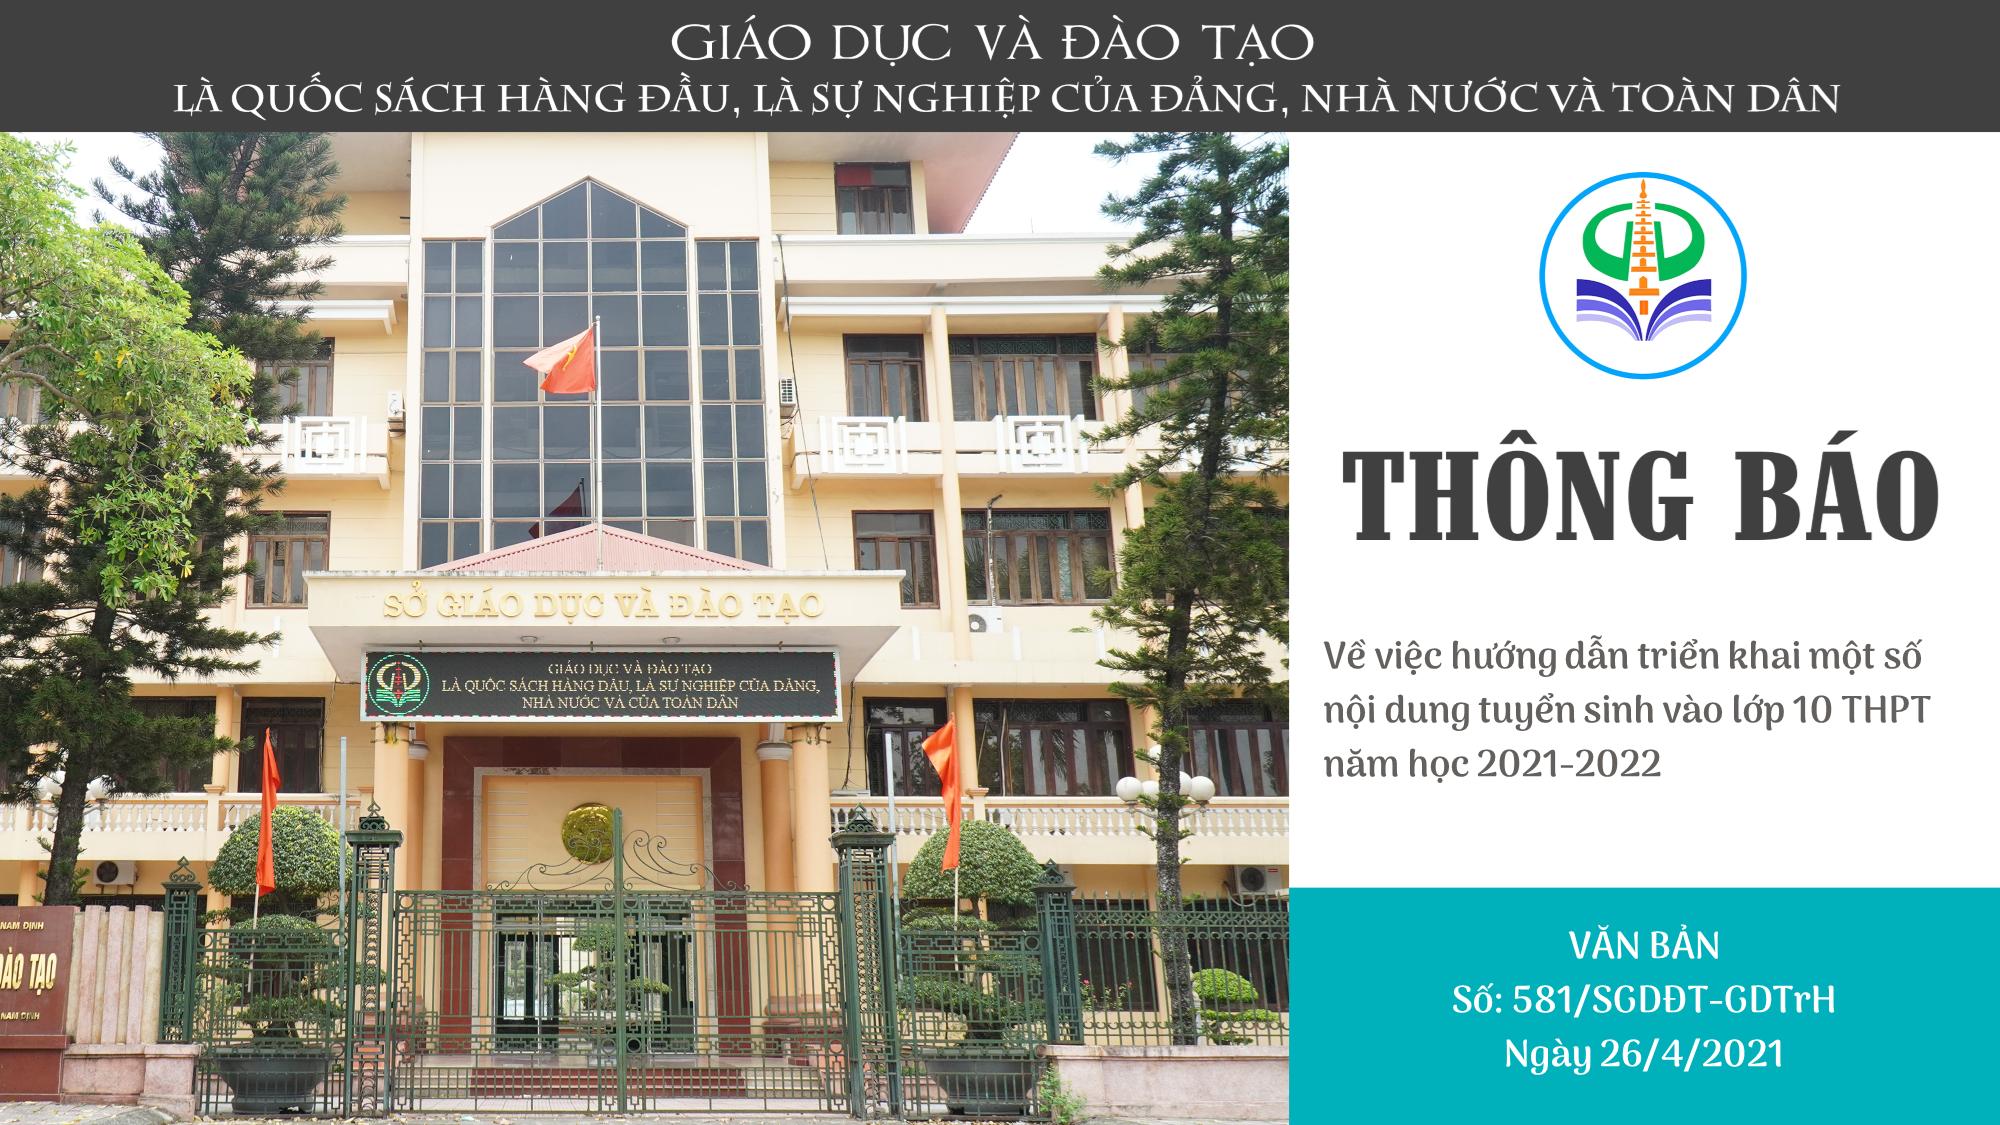 Công văn 581/SGD ĐT-GDTrH ngày 26/4/2021 V/v hướng dẫn triển khai một số nội dung tuyển sinh vào lớp 10 THPT năm học 2021-2022